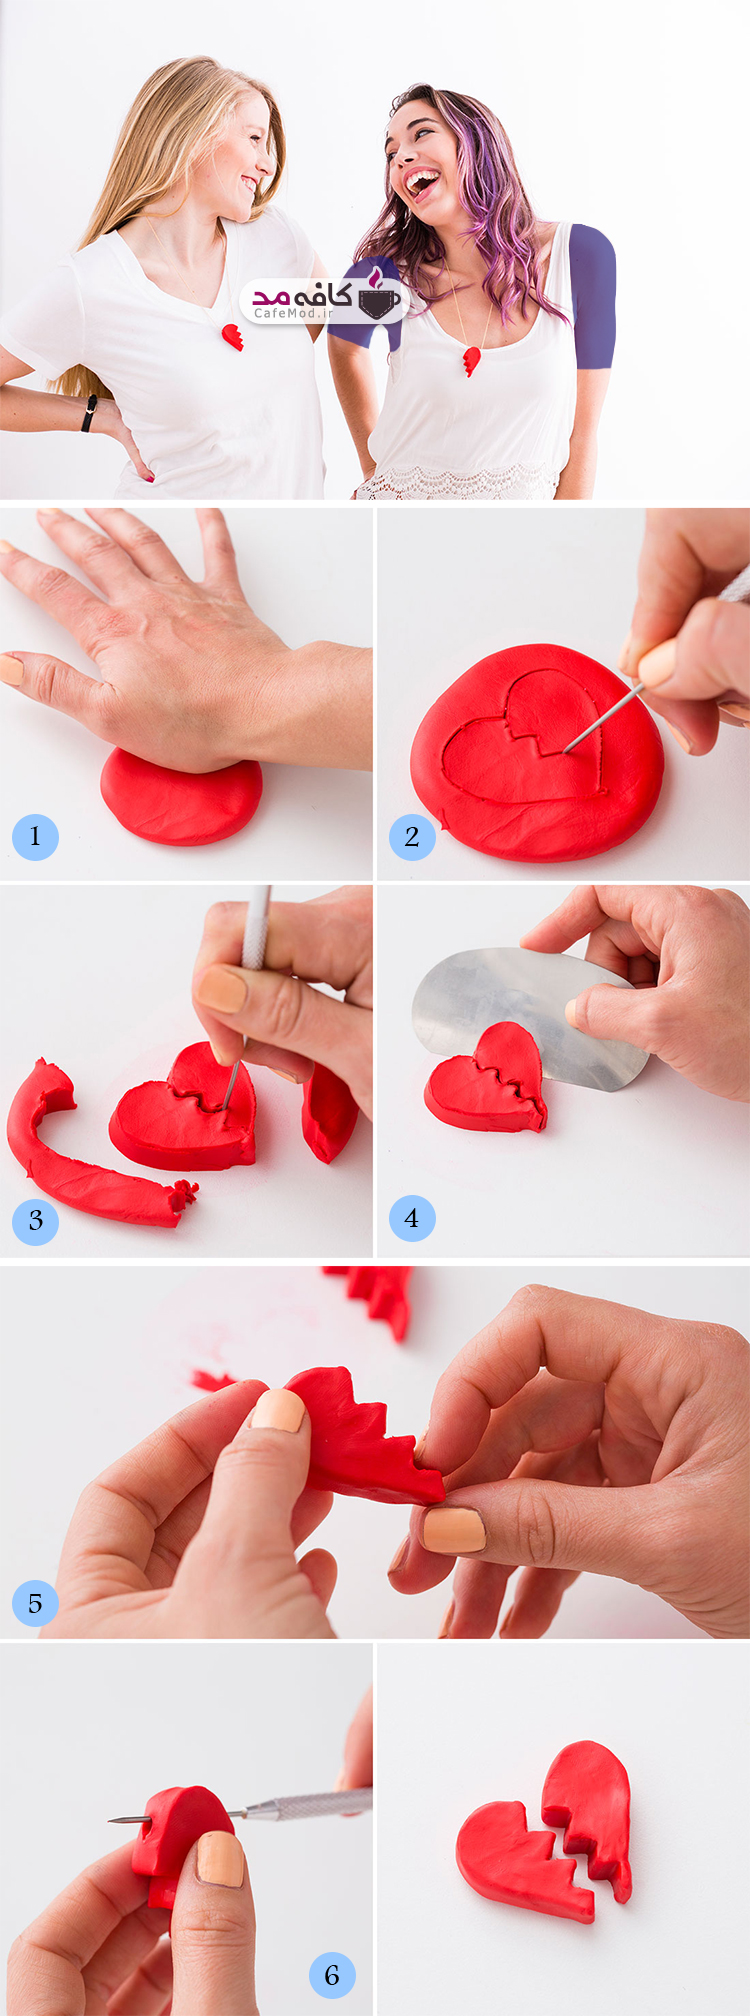 آموزش قلب دو تکه خمیری